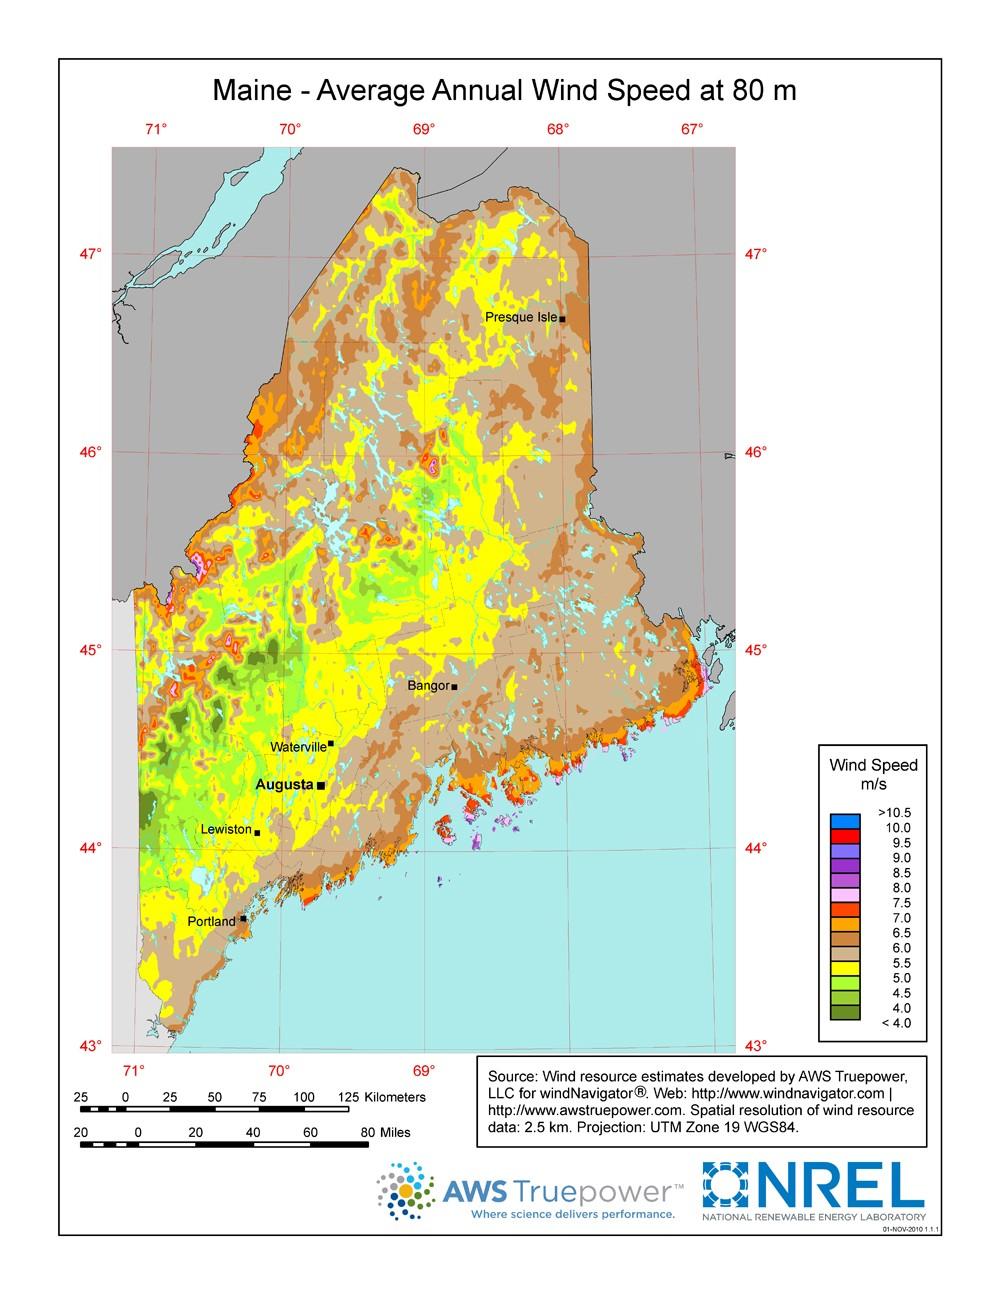 Lyman Maine Map.Windexchange Maine 80 Meter Wind Resource Map